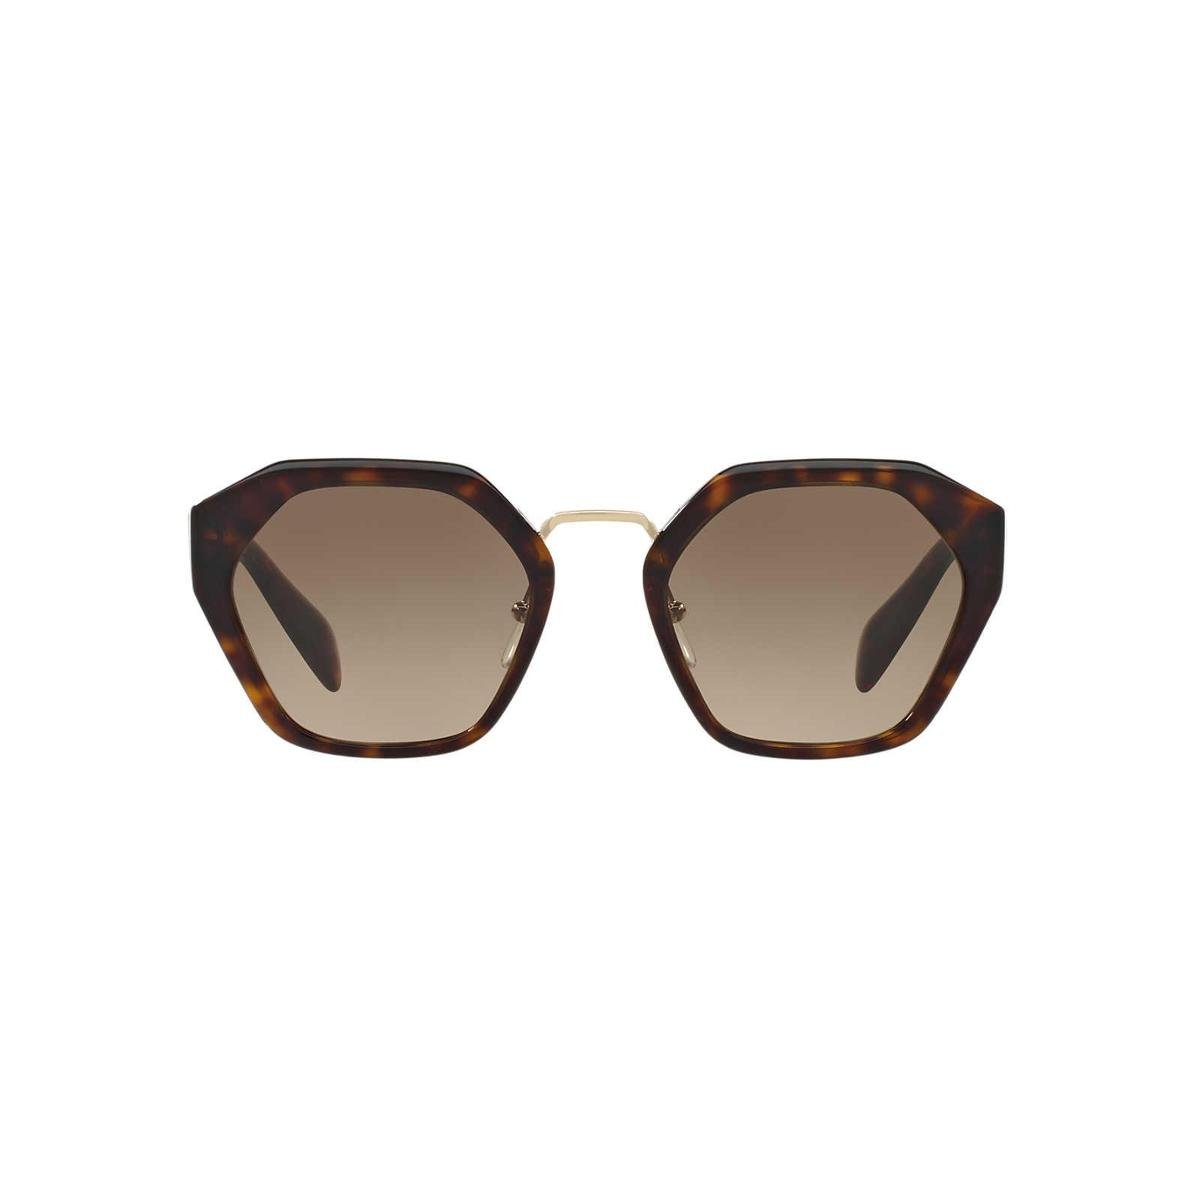 ae6934211 Óculos de Sol Prada Irregular - Marrom - Compre Agora | Zattini